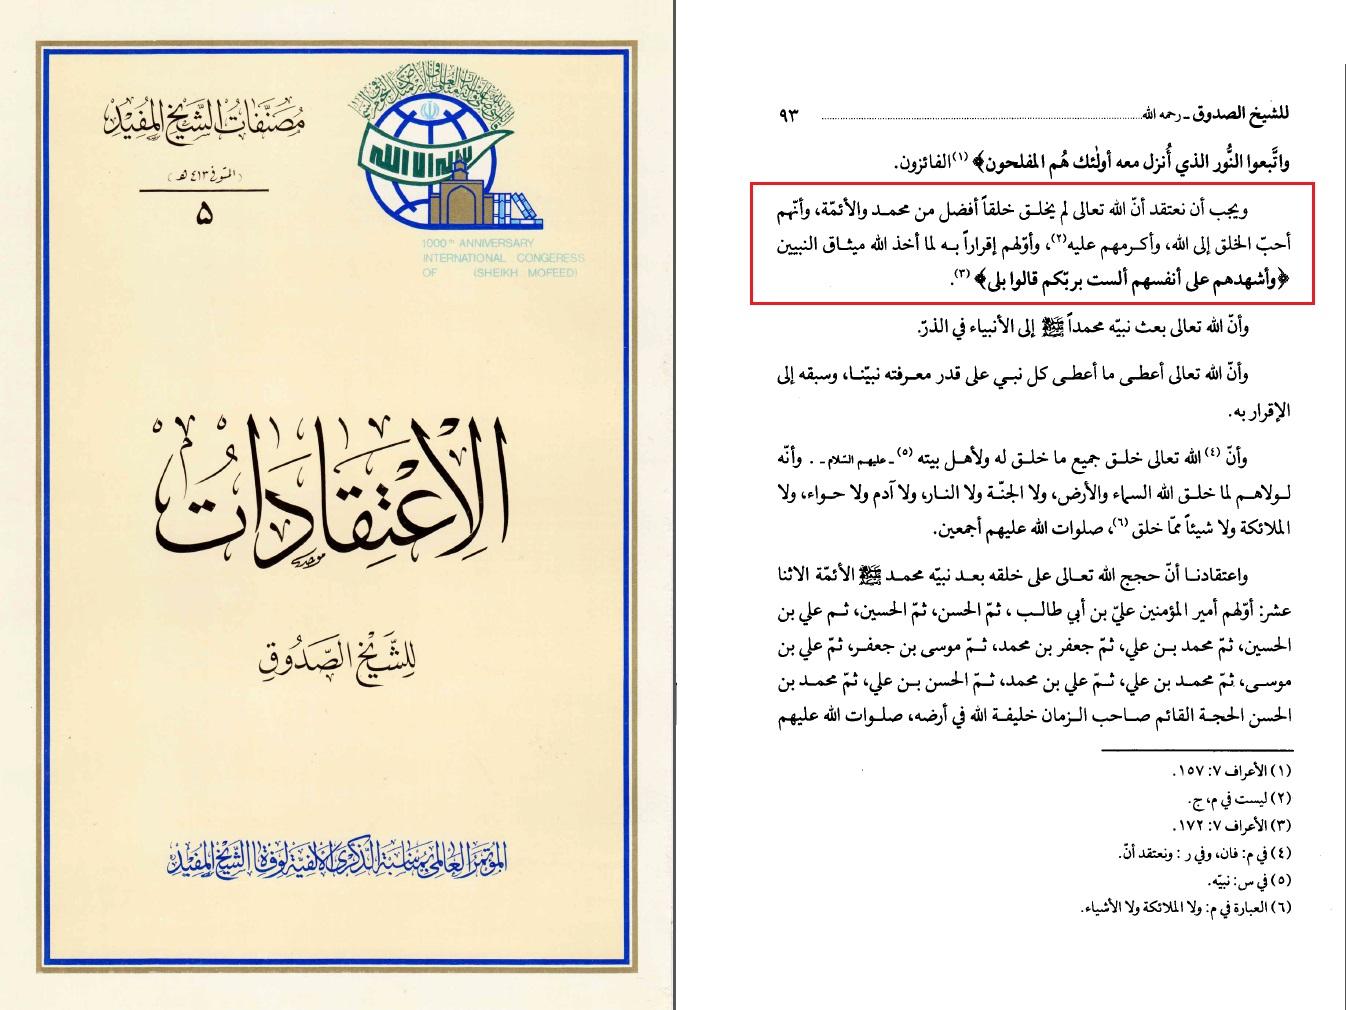 Al-Itqadat S 93